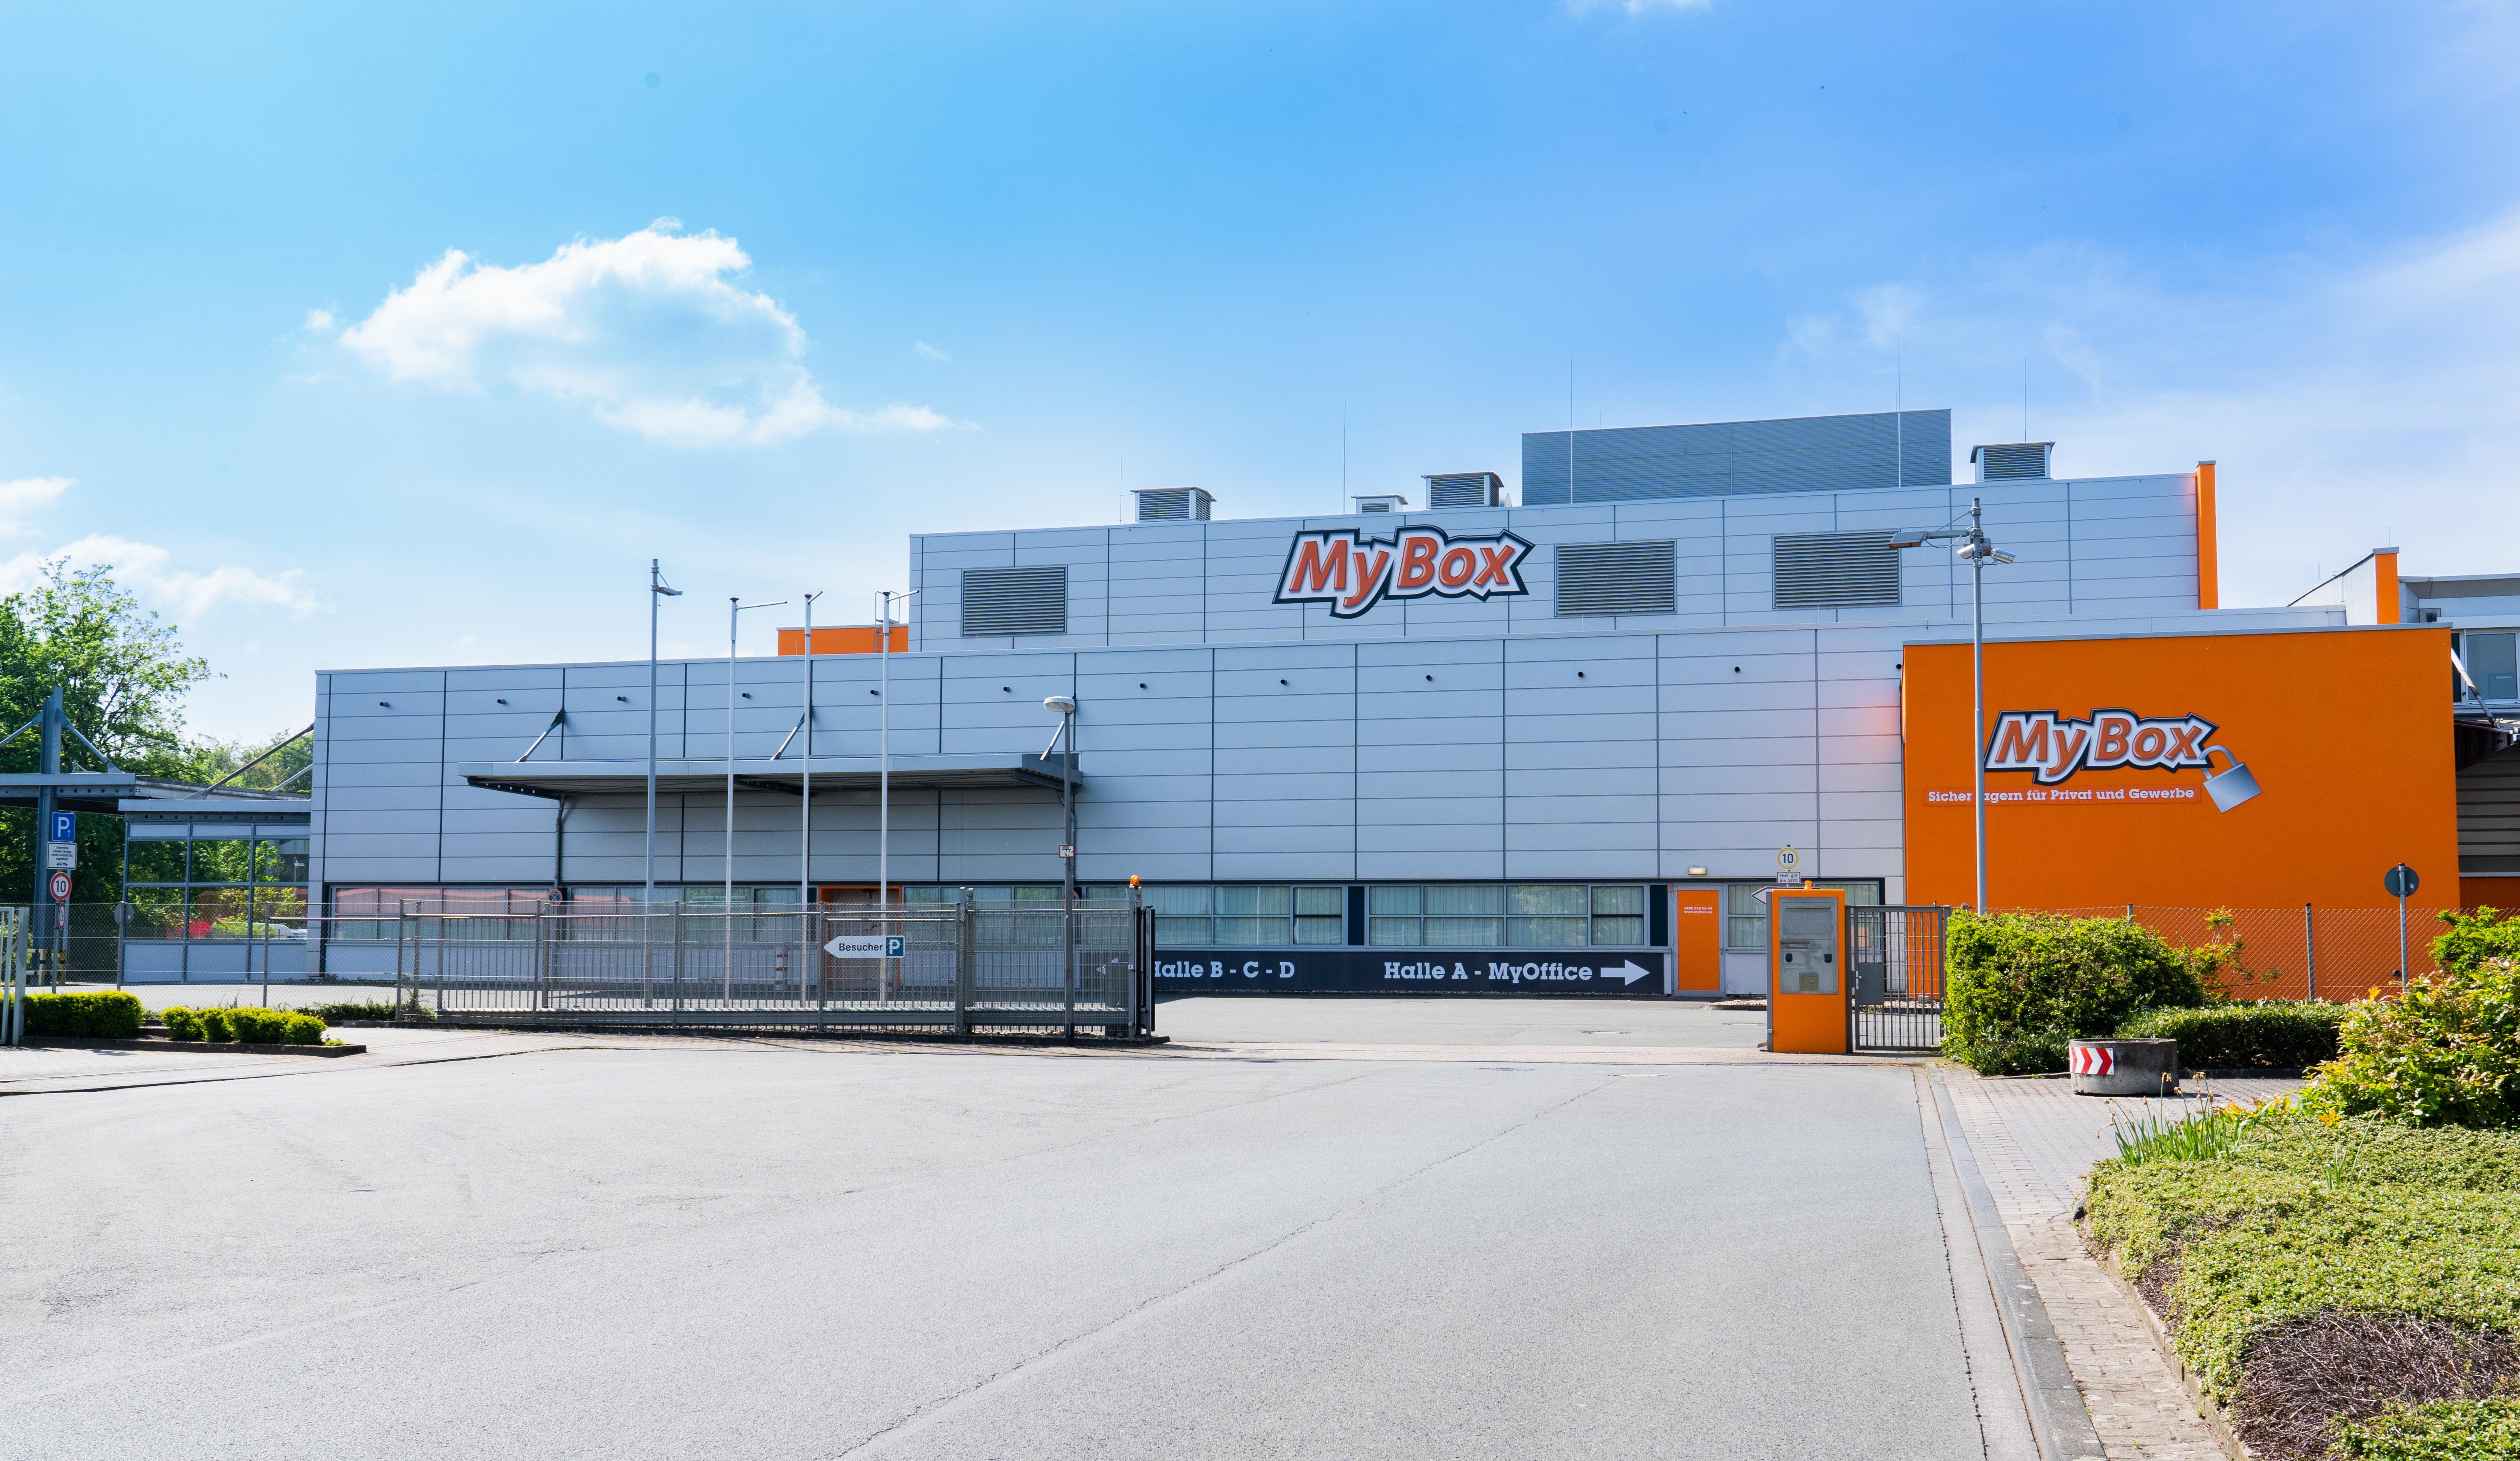 Sensorberg digitalisiert Lagerstandorte von MyBox in Münster und Bochum